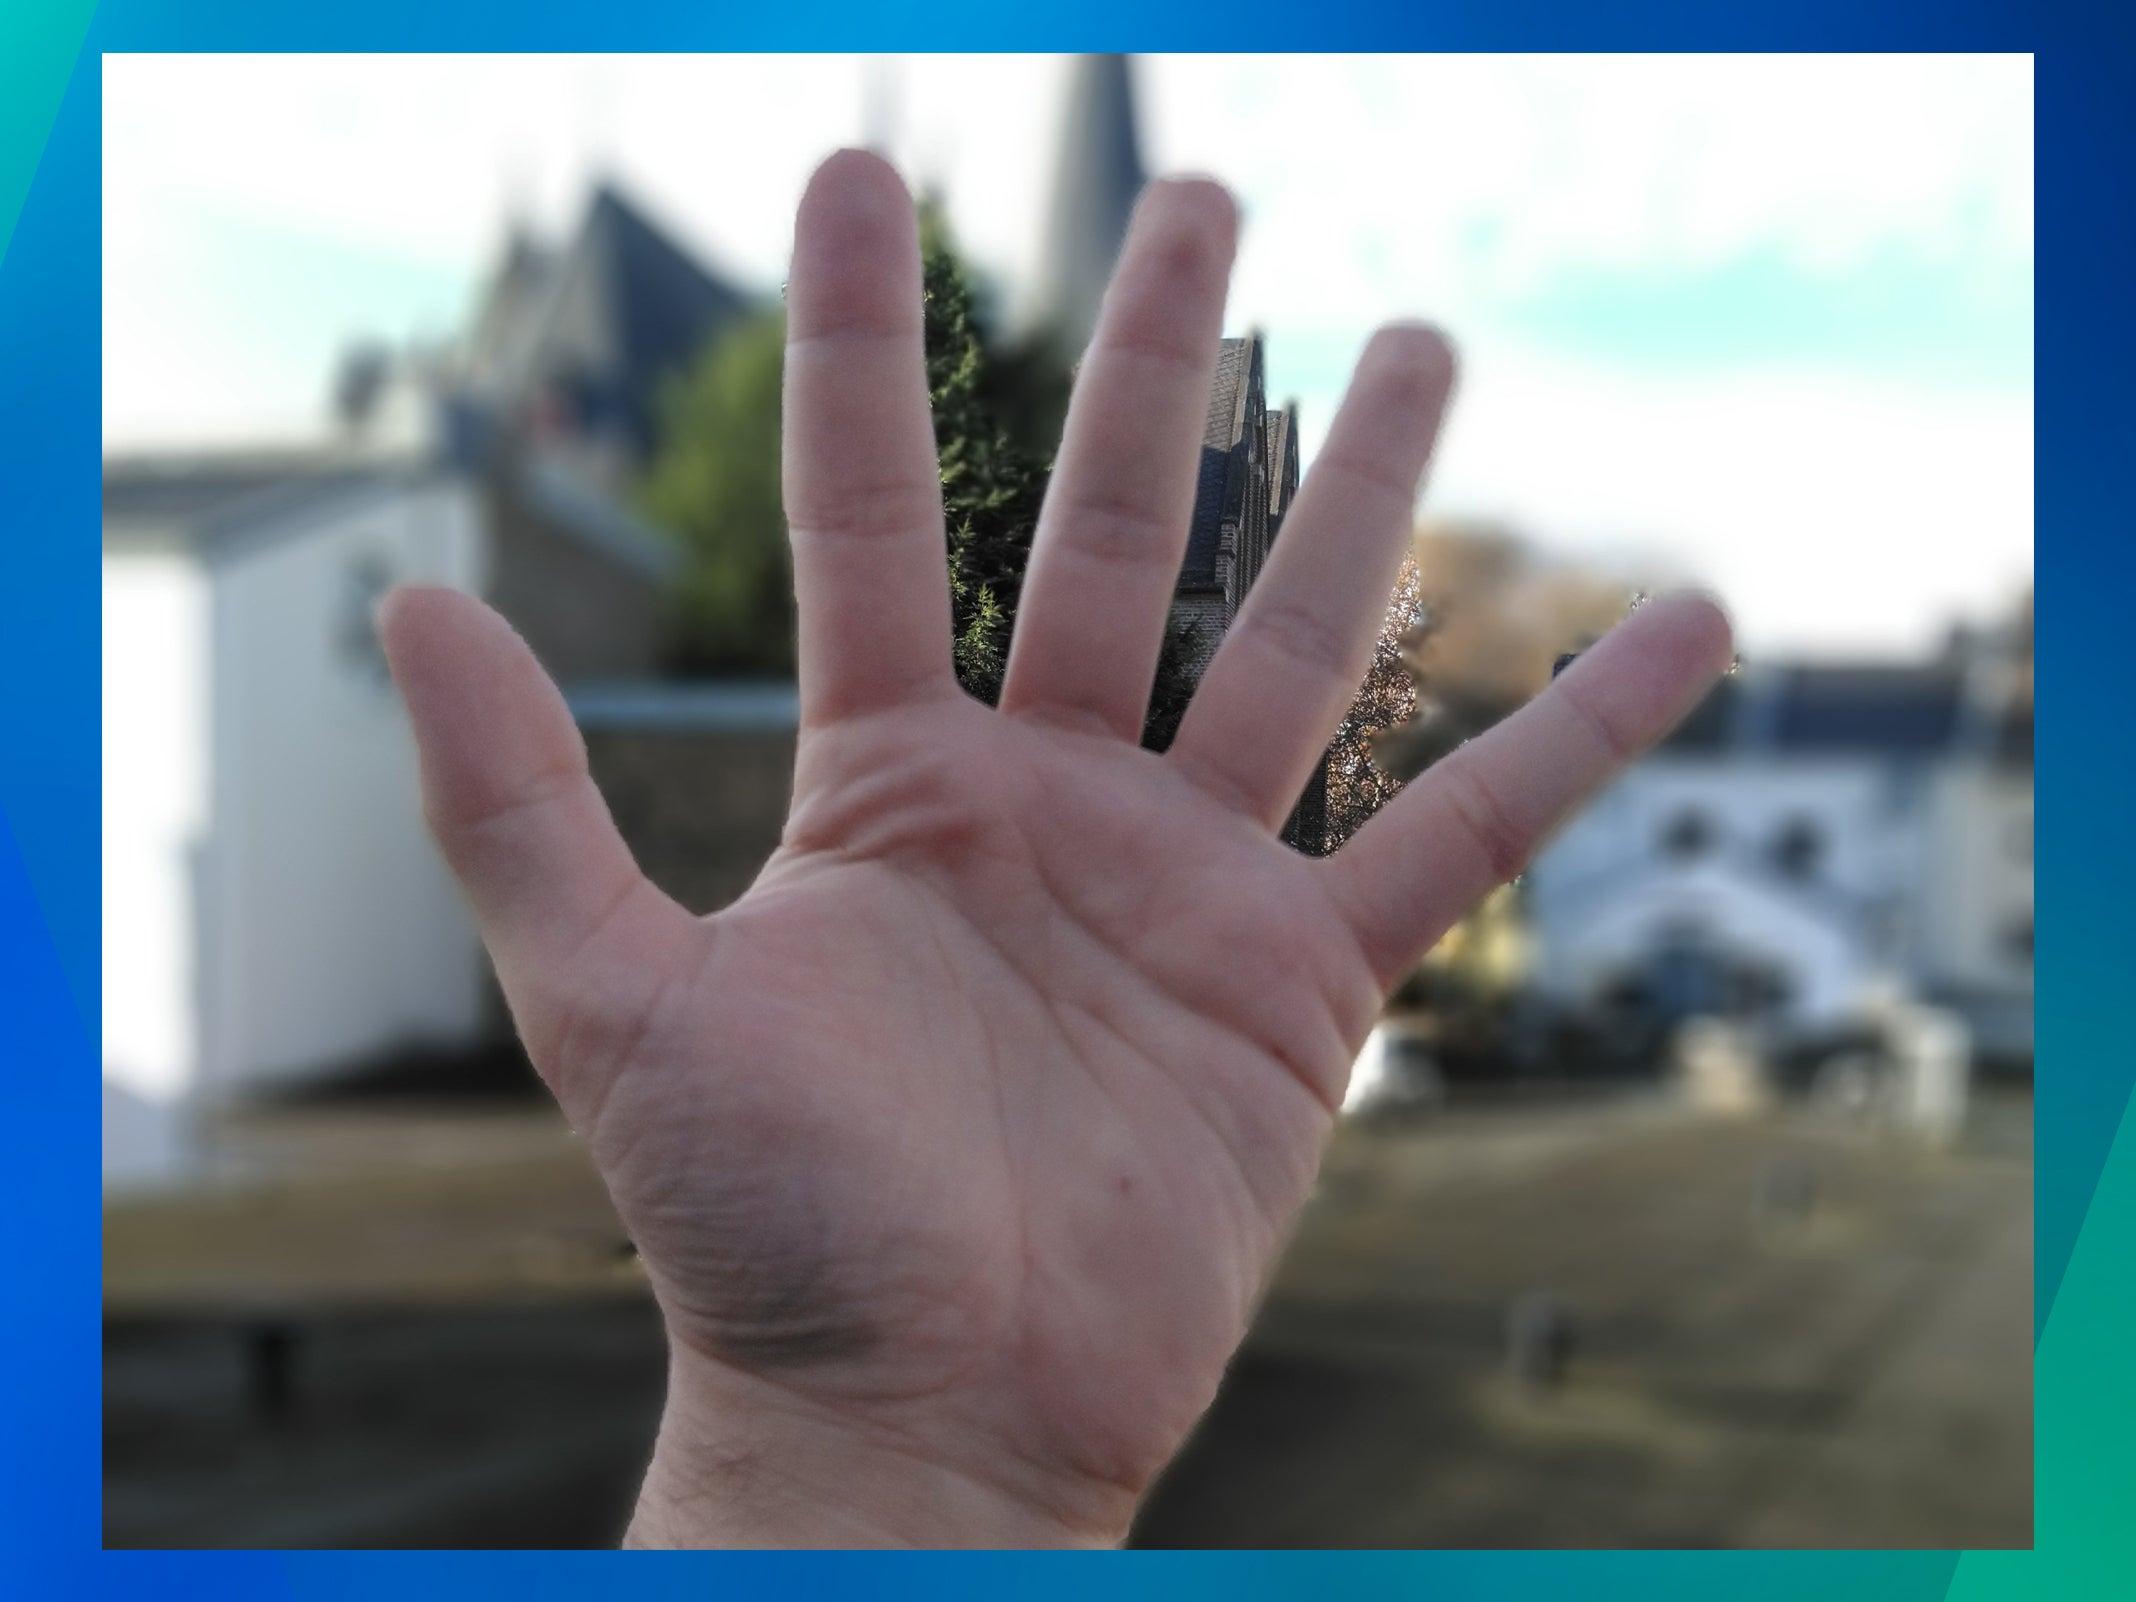 Bokeh-Effekt des JVC J20 am Beispiel einer Hand.